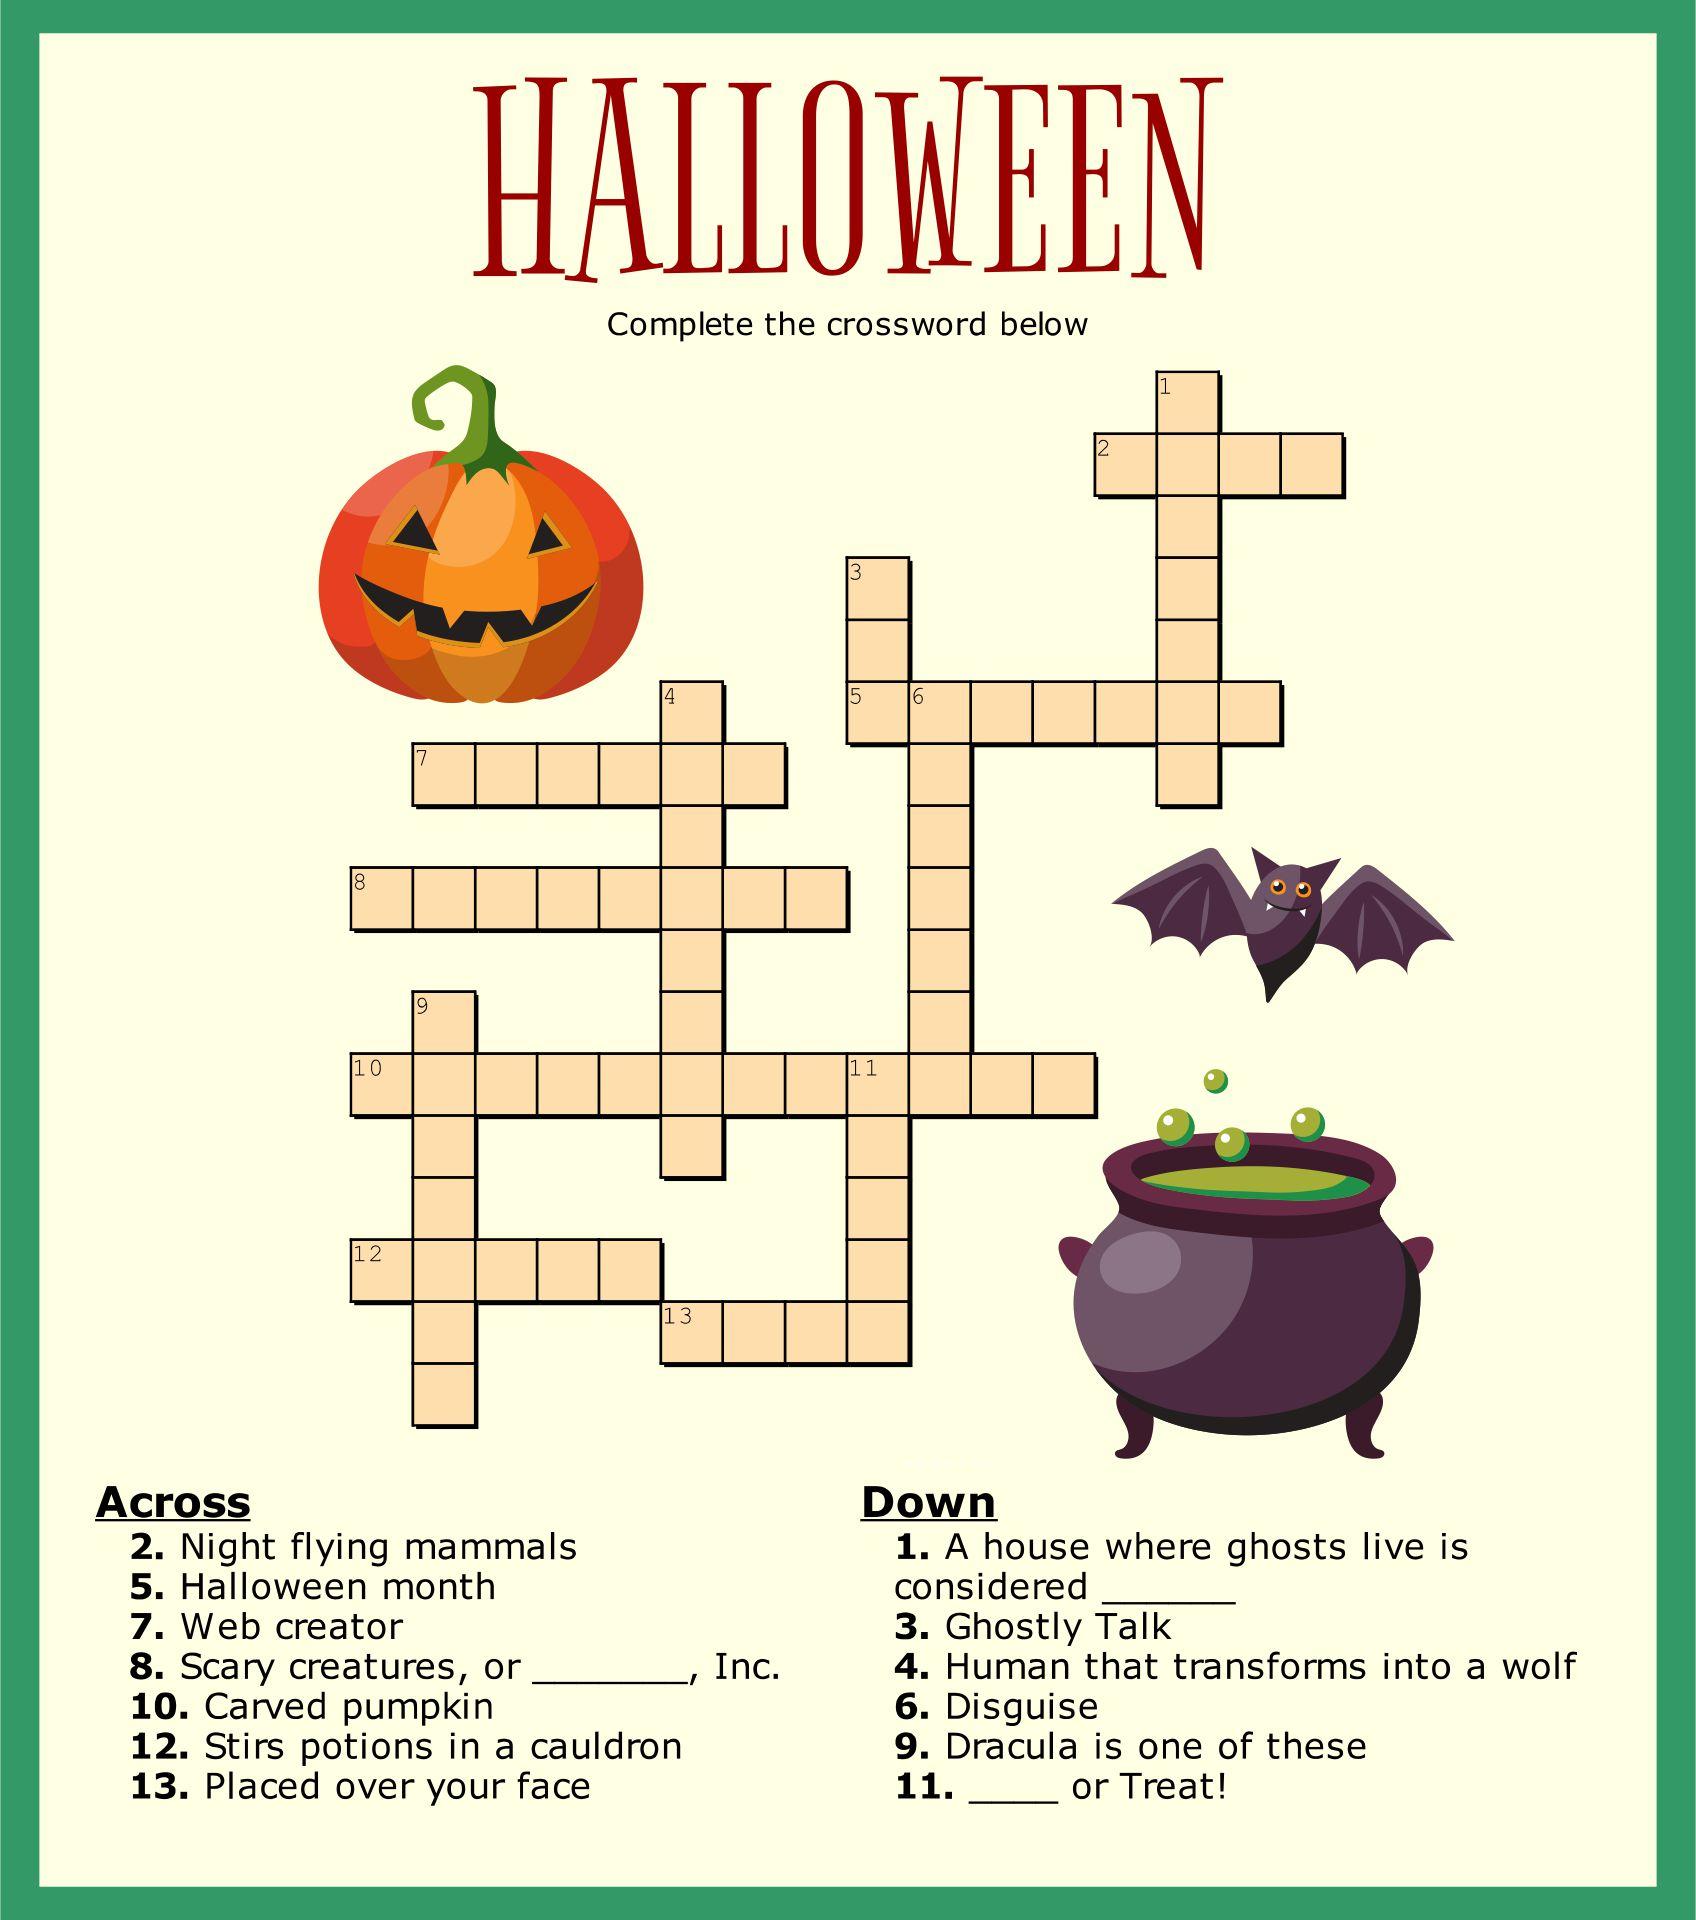 of Halloween Crossword Puzzles Printable - Easy Halloween Crossword ...